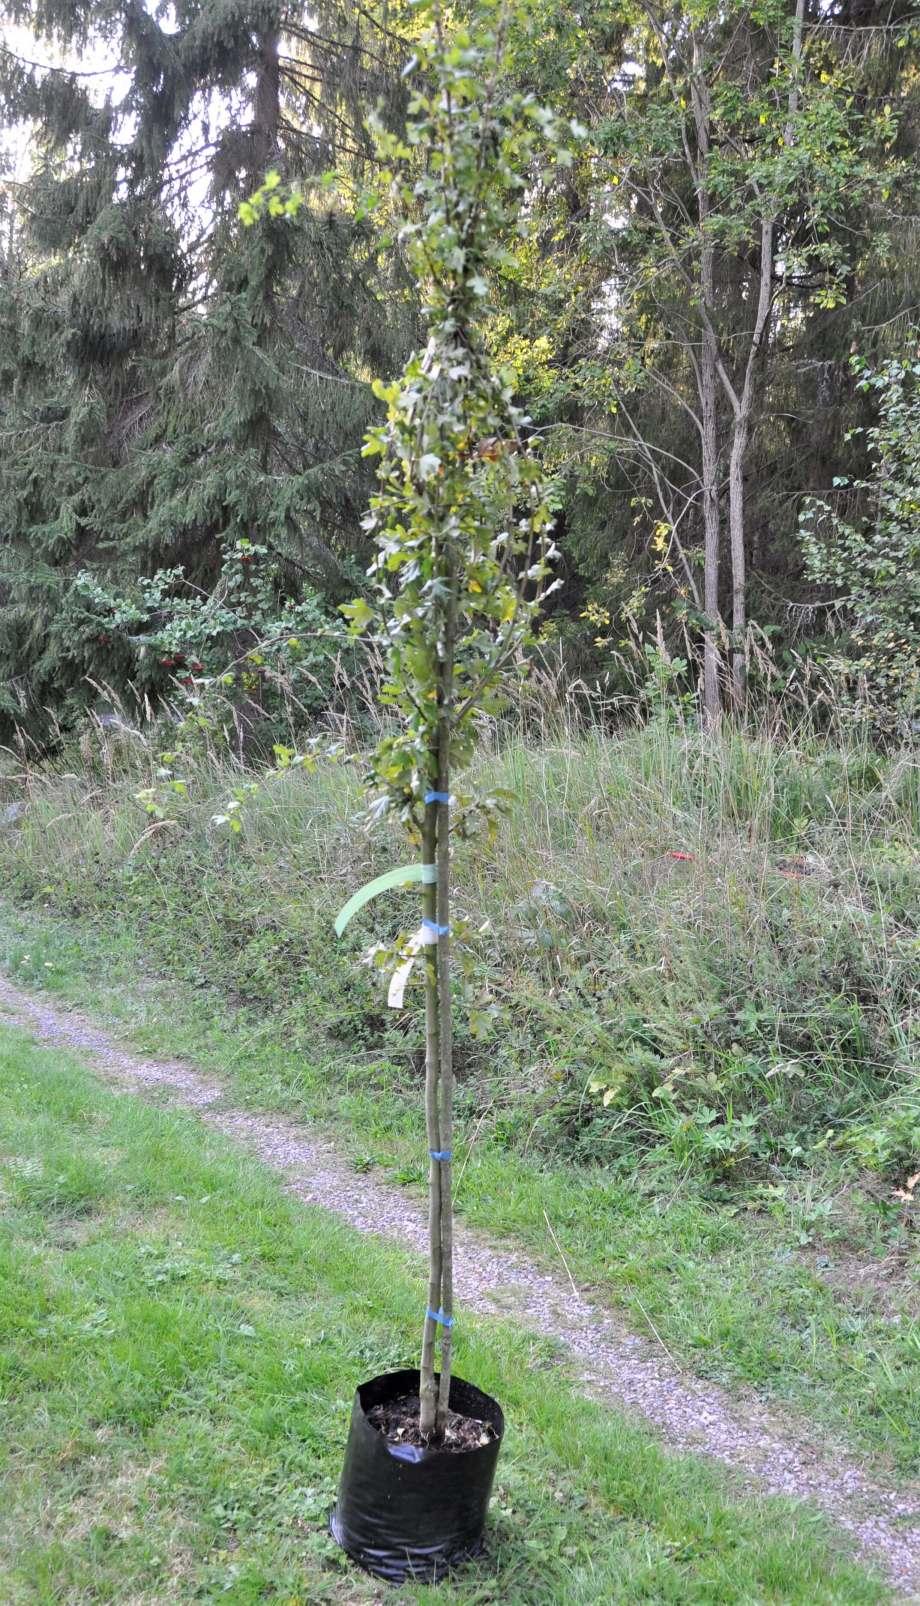 rundhagtornsträd i kruka, grenarna ihopbundna, krukan står på gräs, skogsbryn i bakgrunden